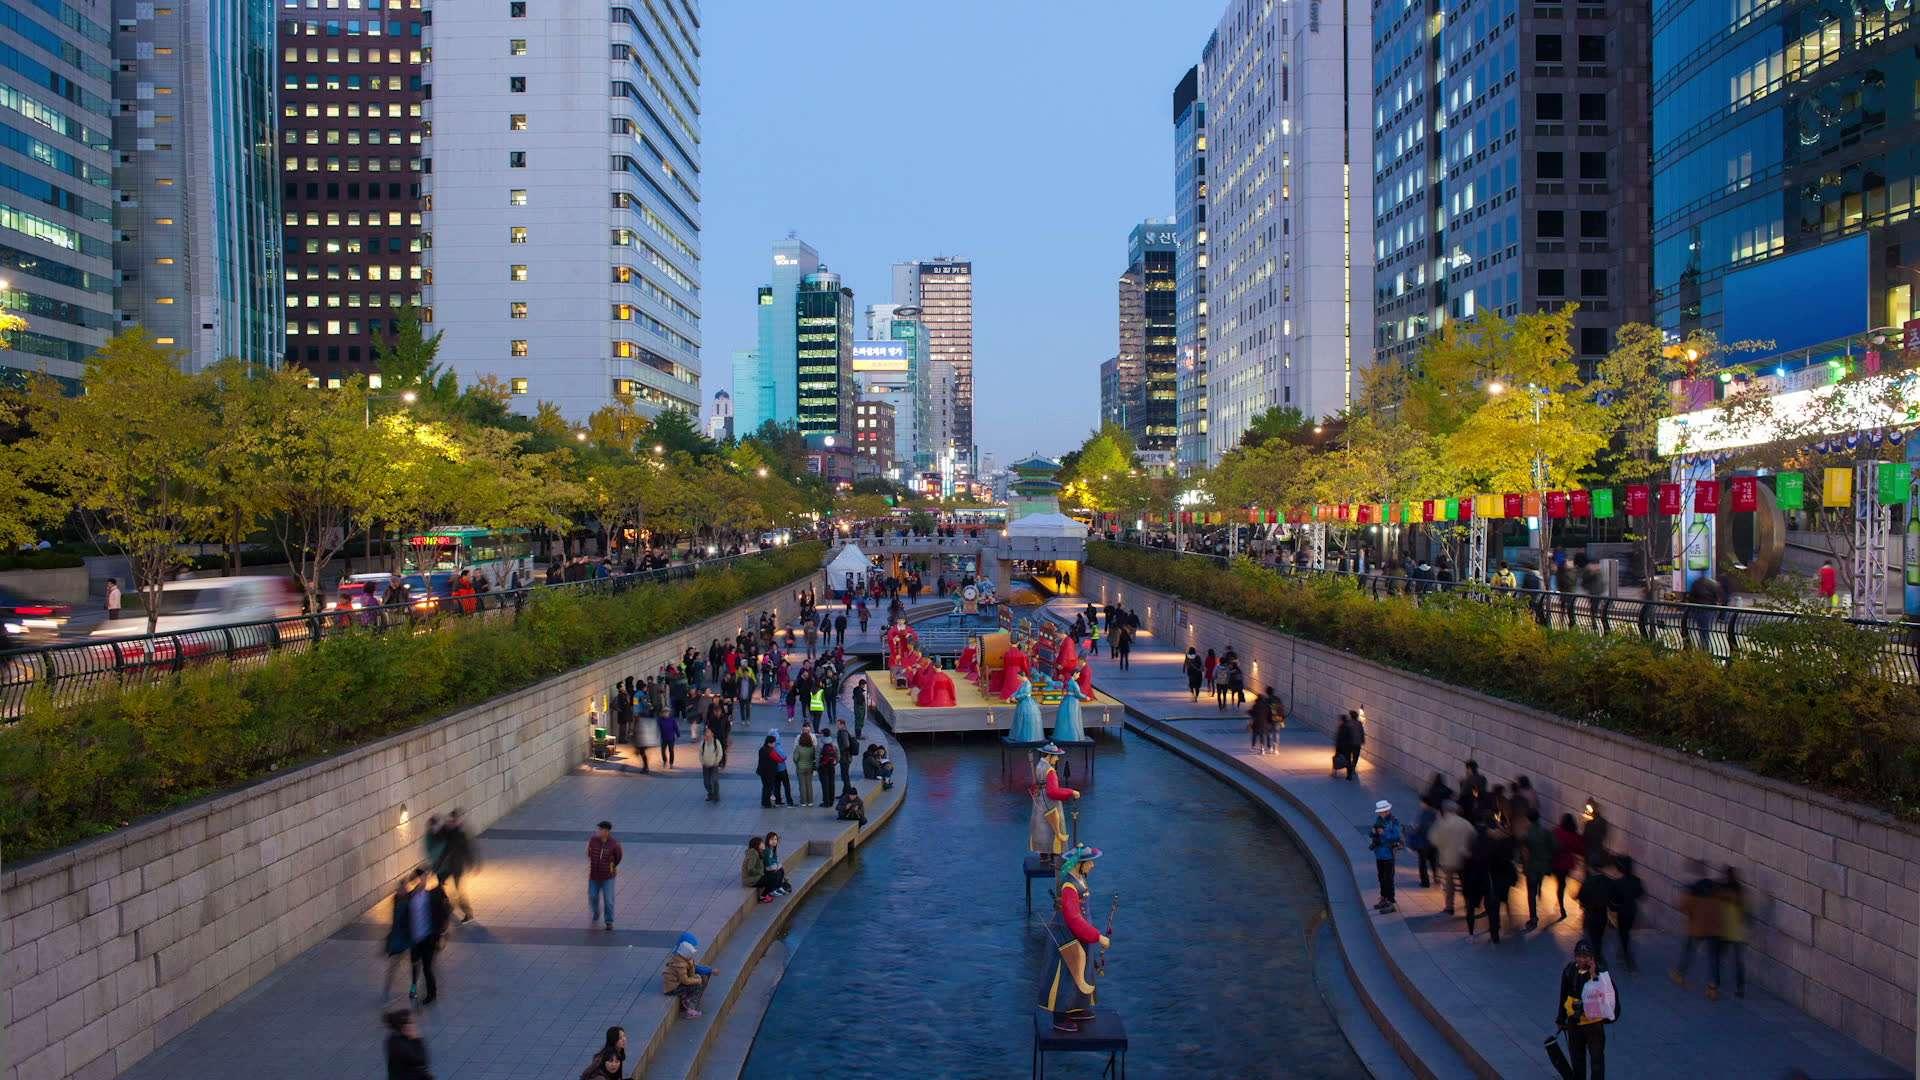 Quảng trường Gwanghuamun và Dòng suối nhân tạo